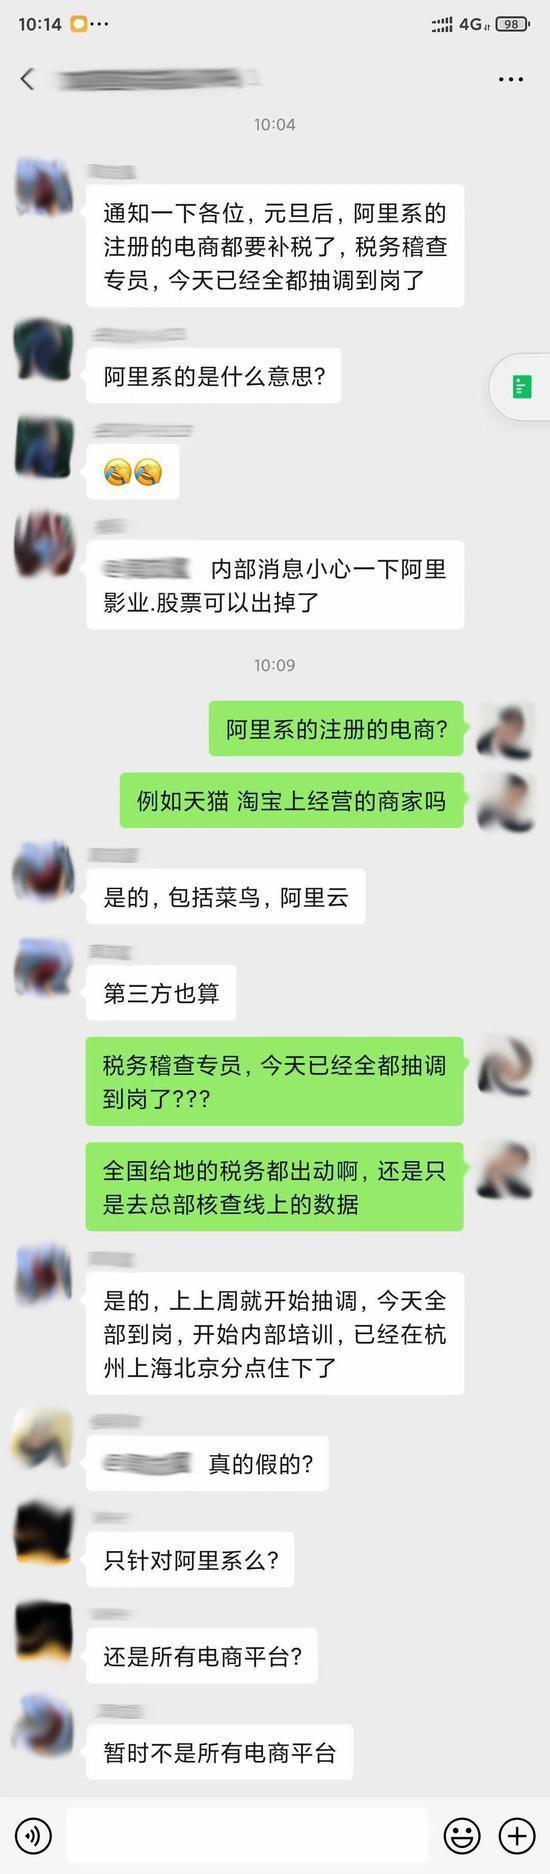 电银付安装教程(dianyinzhifu.com):阿里系商家将于元旦后补缴电商税?阿里巴巴:谣言,已投诉 第1张